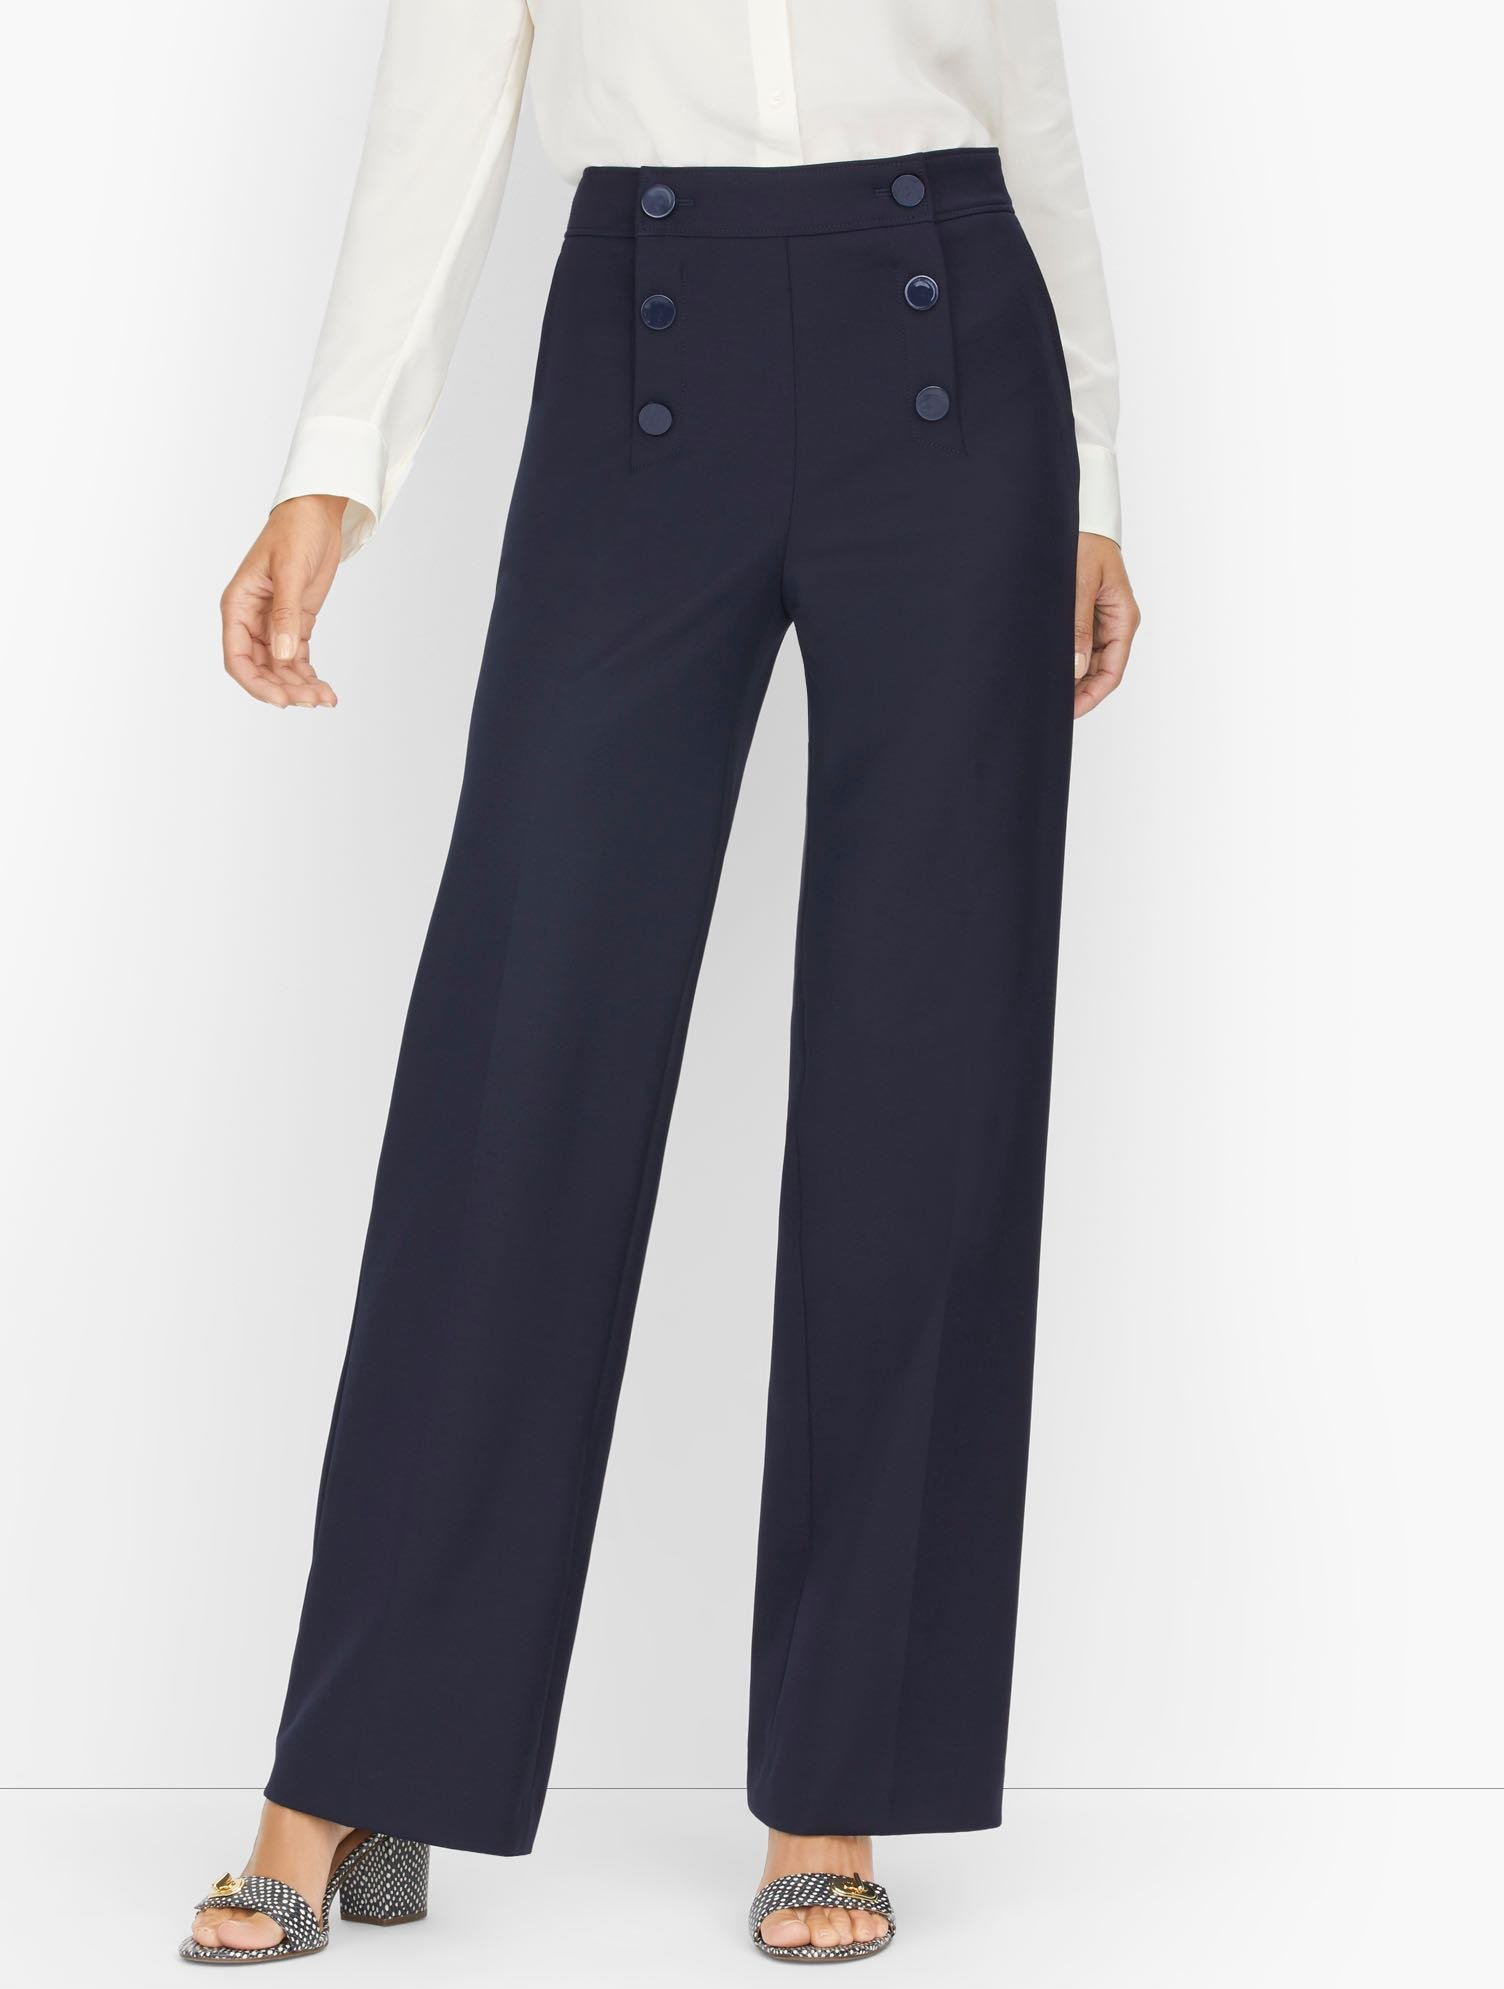 Swing Dance Dresses | Lindy Hop Dresses & Clothing Wide Leg Sailor Pants - Blue - 16 Talbots $119.00 AT vintagedancer.com